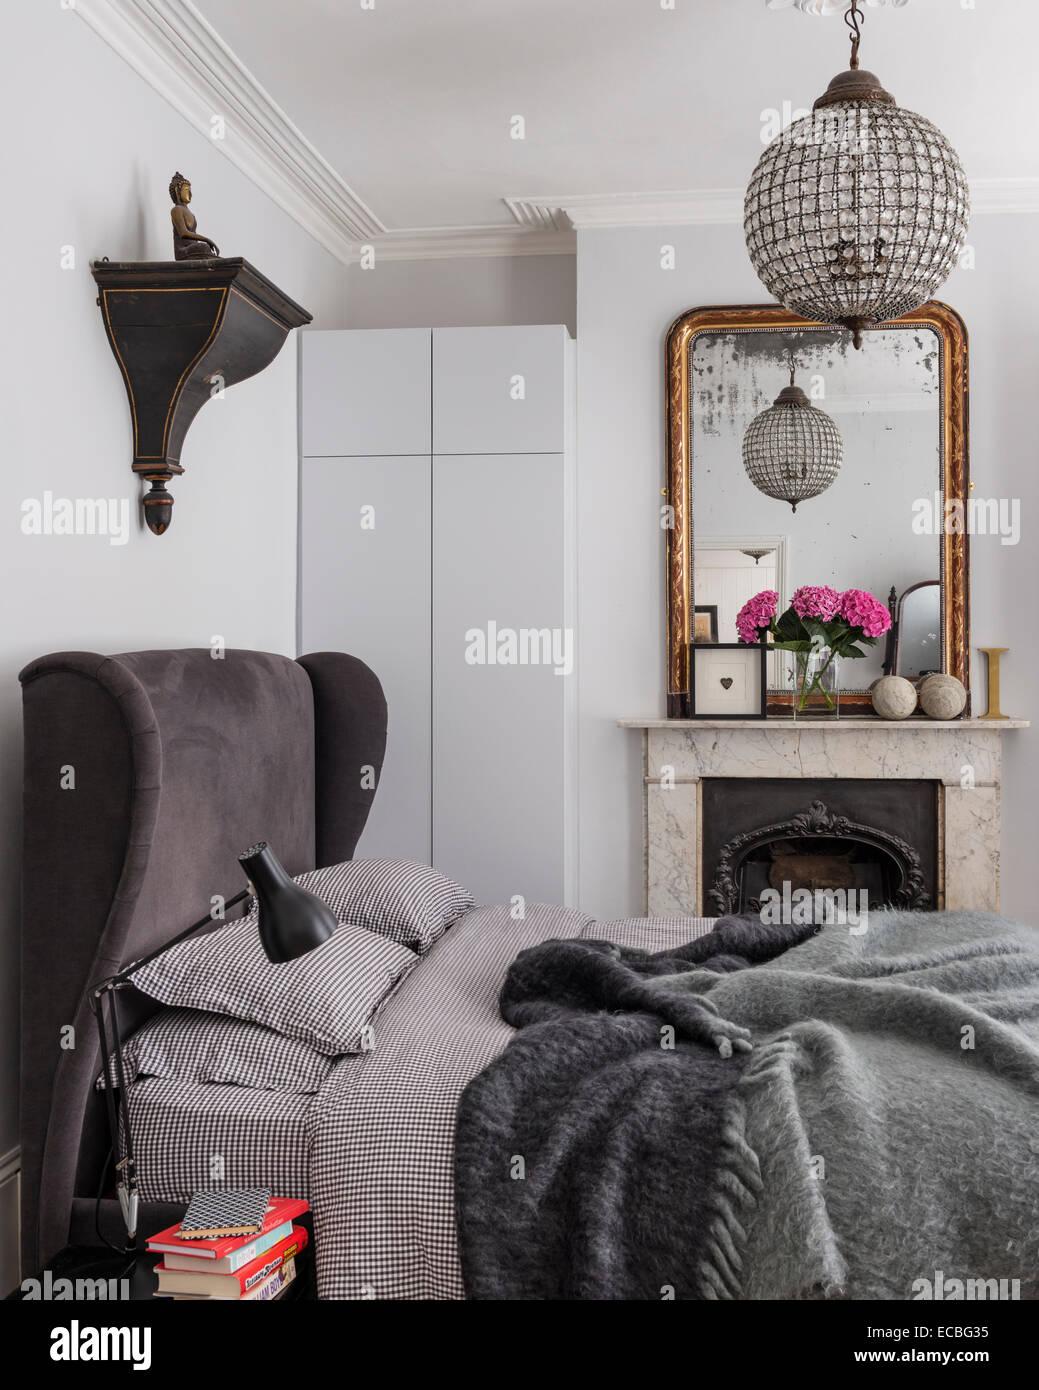 Lit rembourré de luxe de sofa.com dans chambre avec cheminée d'origine, et la culpabilité de Photo Stock